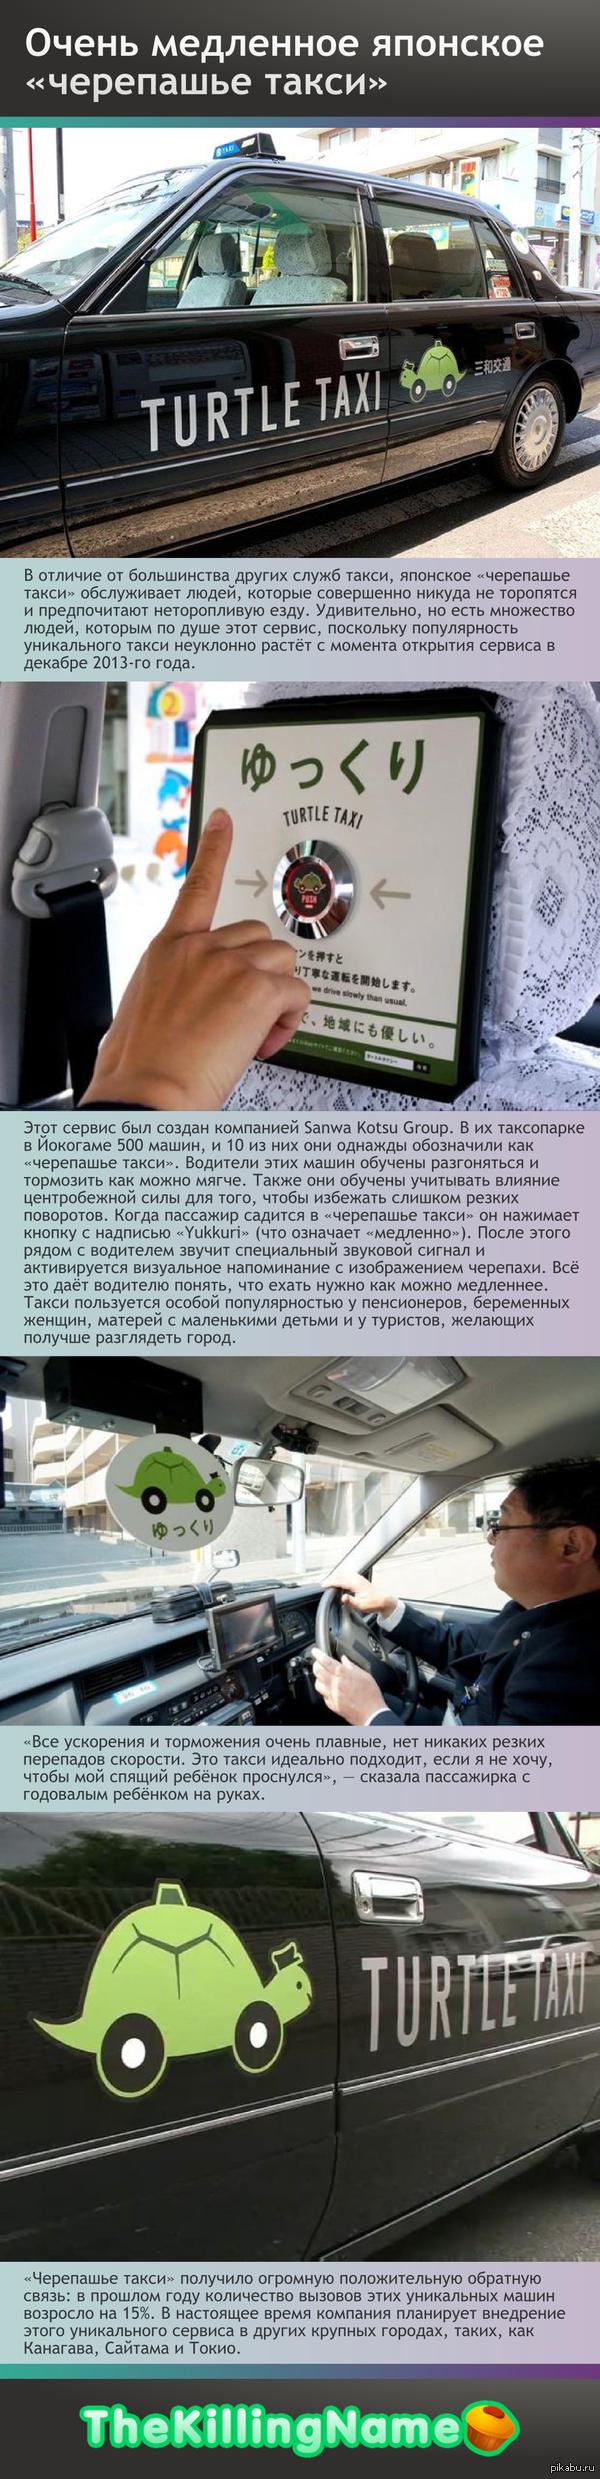 Очень медленное японское «черепашье такси» Далеко не все японцы любят быструю езду, и популярность уникального сервиса — наглядное тому доказательство.